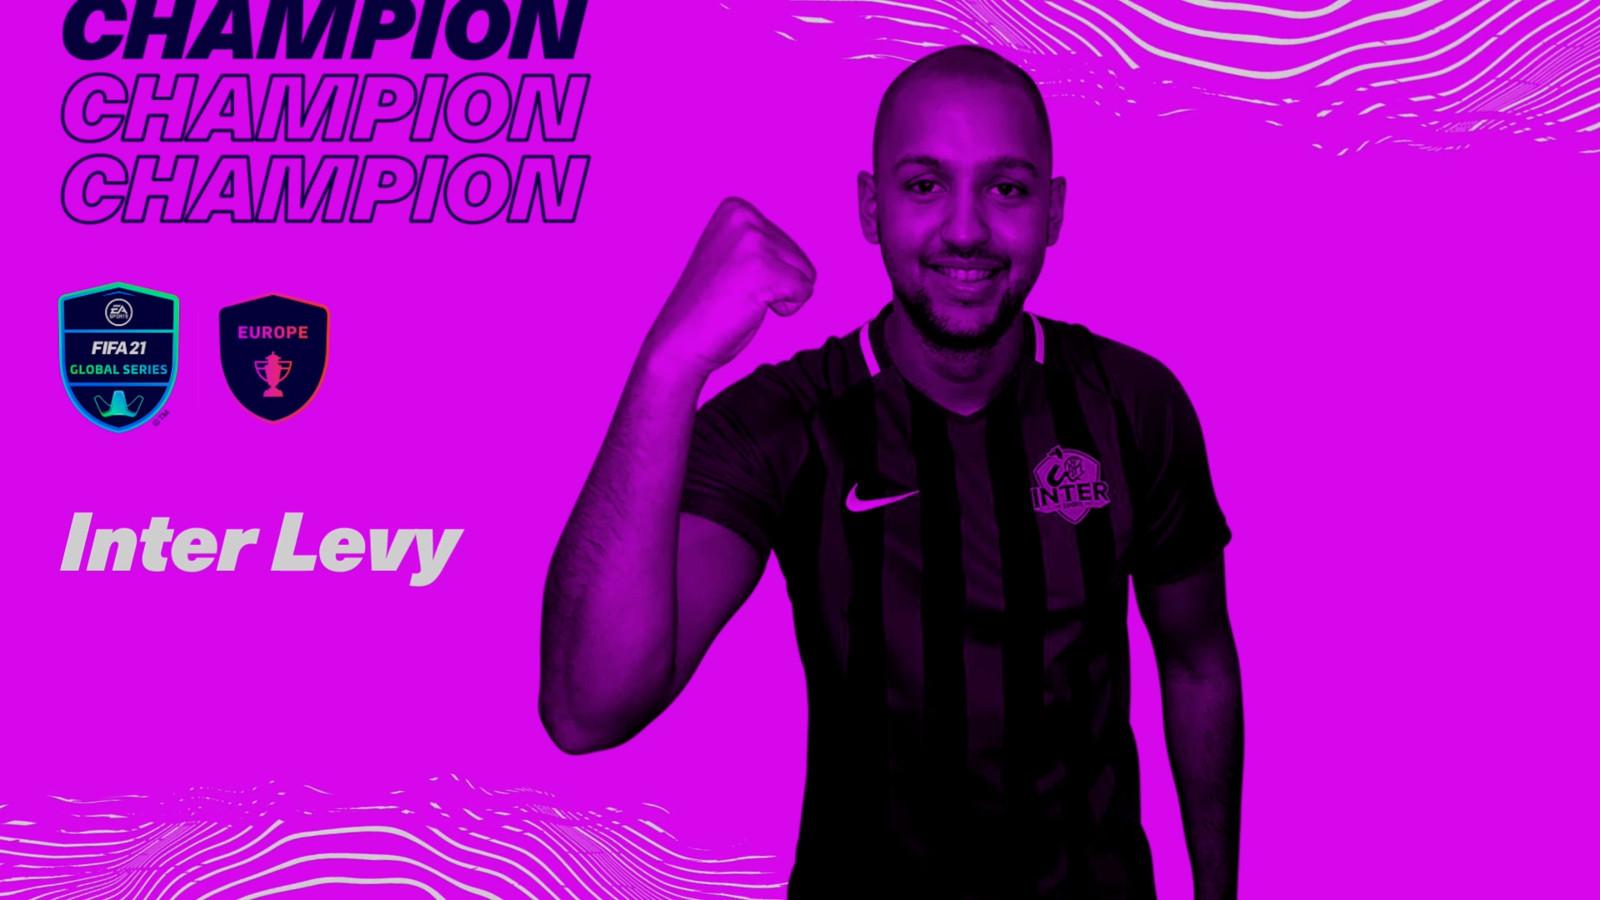 Levy Frederique is Europees Kampioen FIFA 21 op de Xbox geworden. De Nederlander die uitkomt voor de Italiaanse club Inter Milan wint daarmee 100.000 dollar.